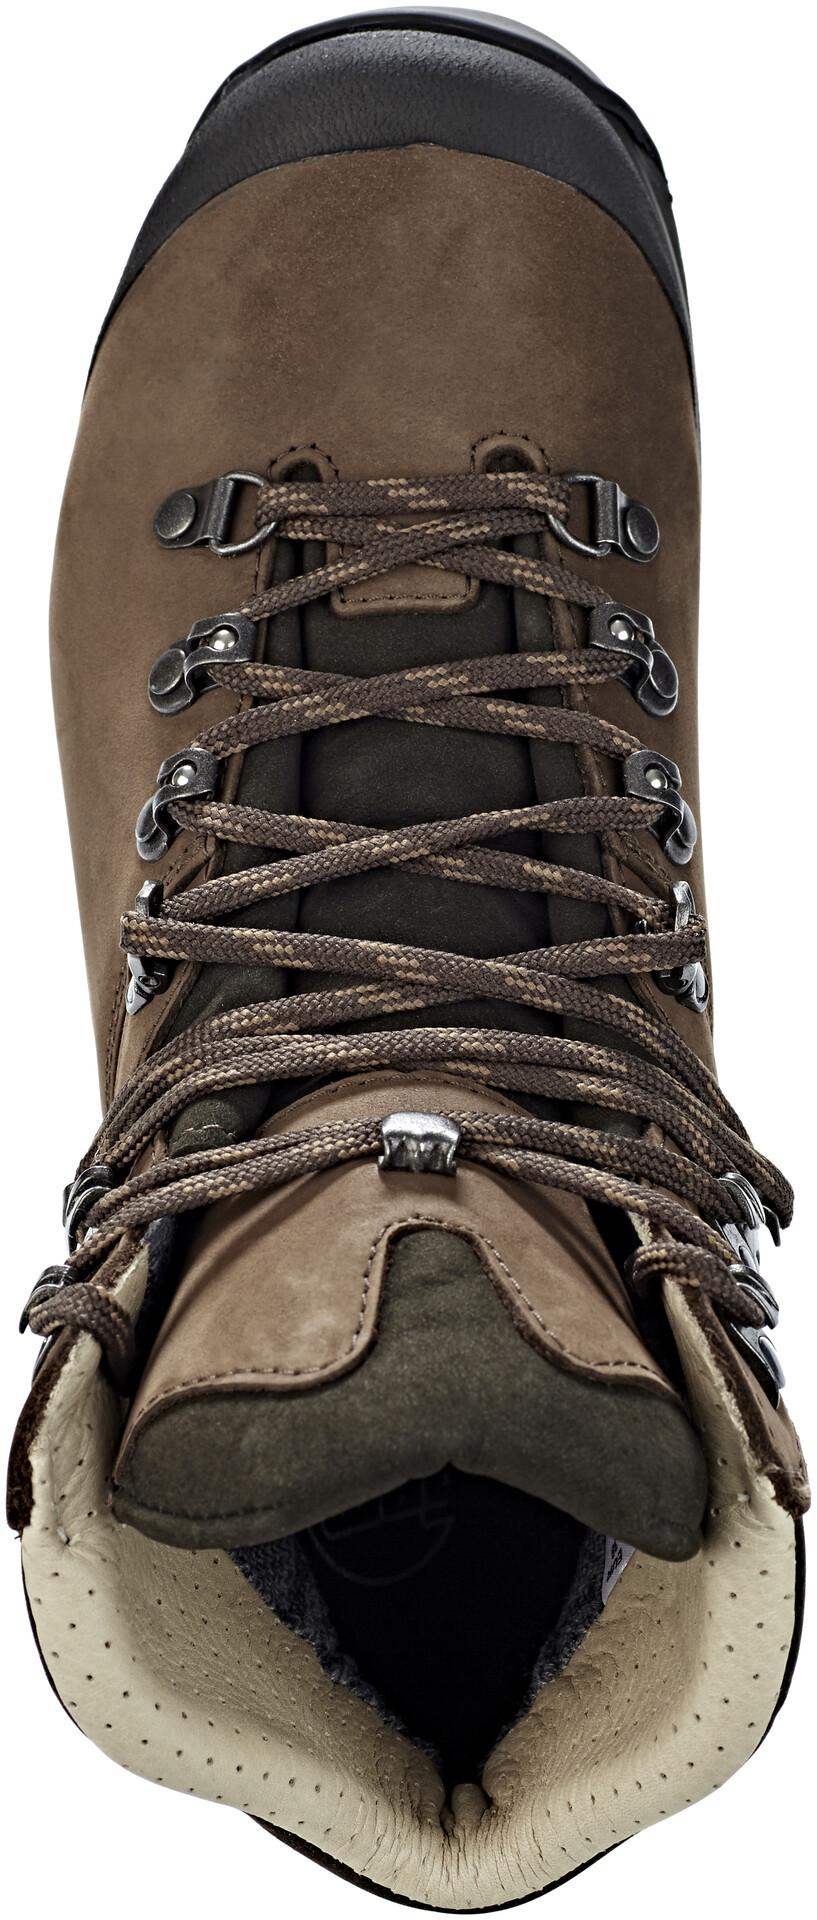 Keen Shoes Narrow